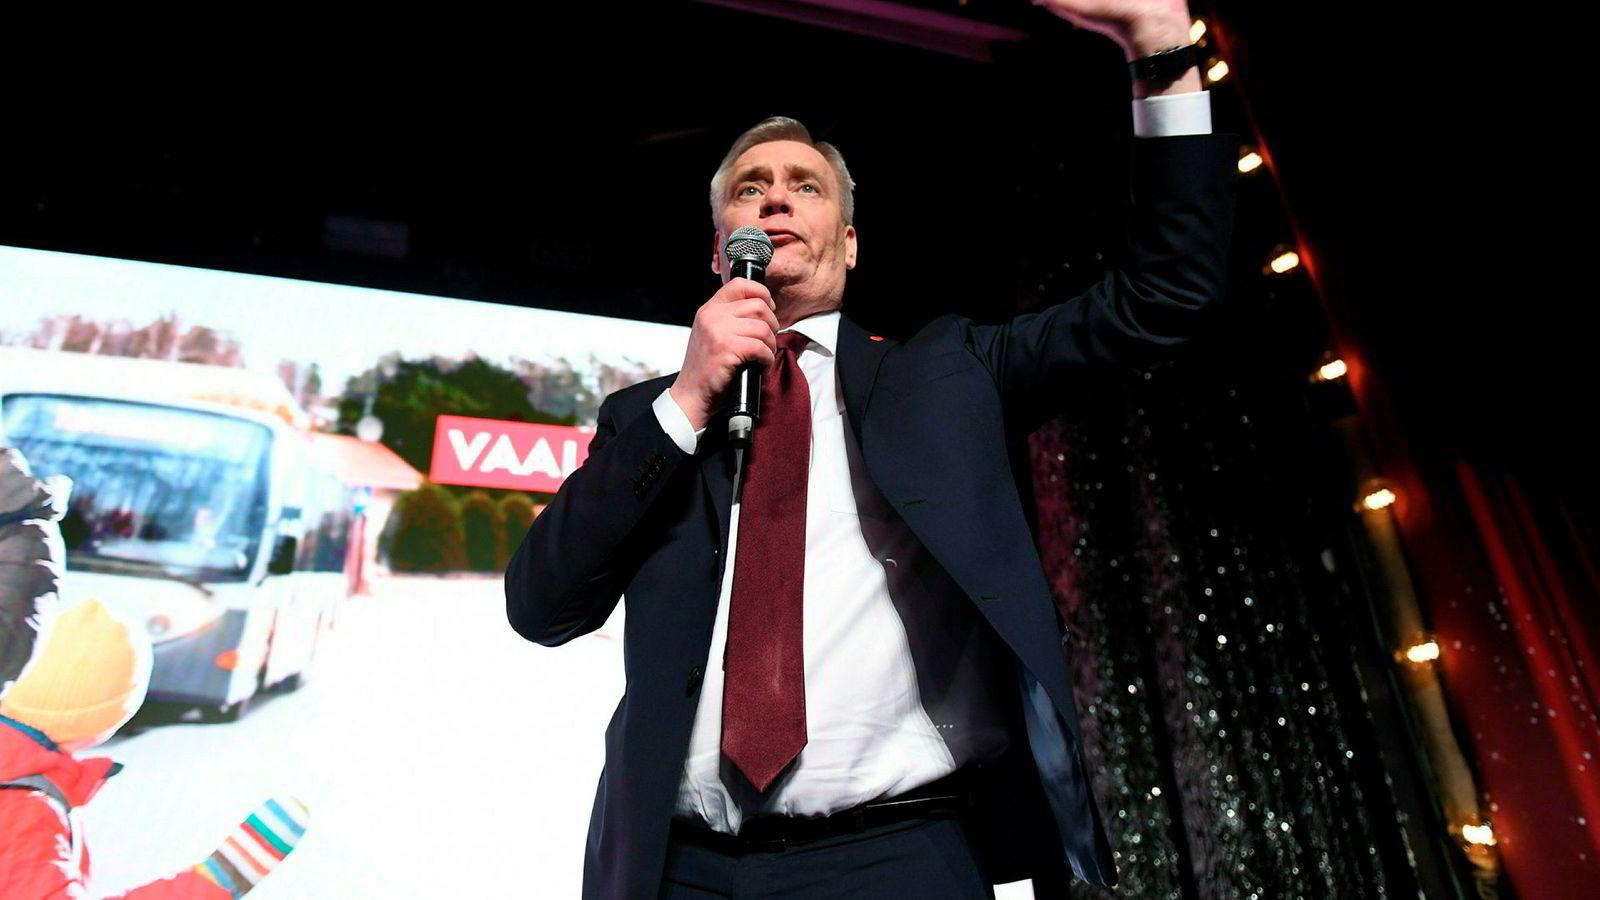 Det sosialdemokratiske partiet SDP med partileder Antti Rinne i spissen ble største parti i valget i Finland.